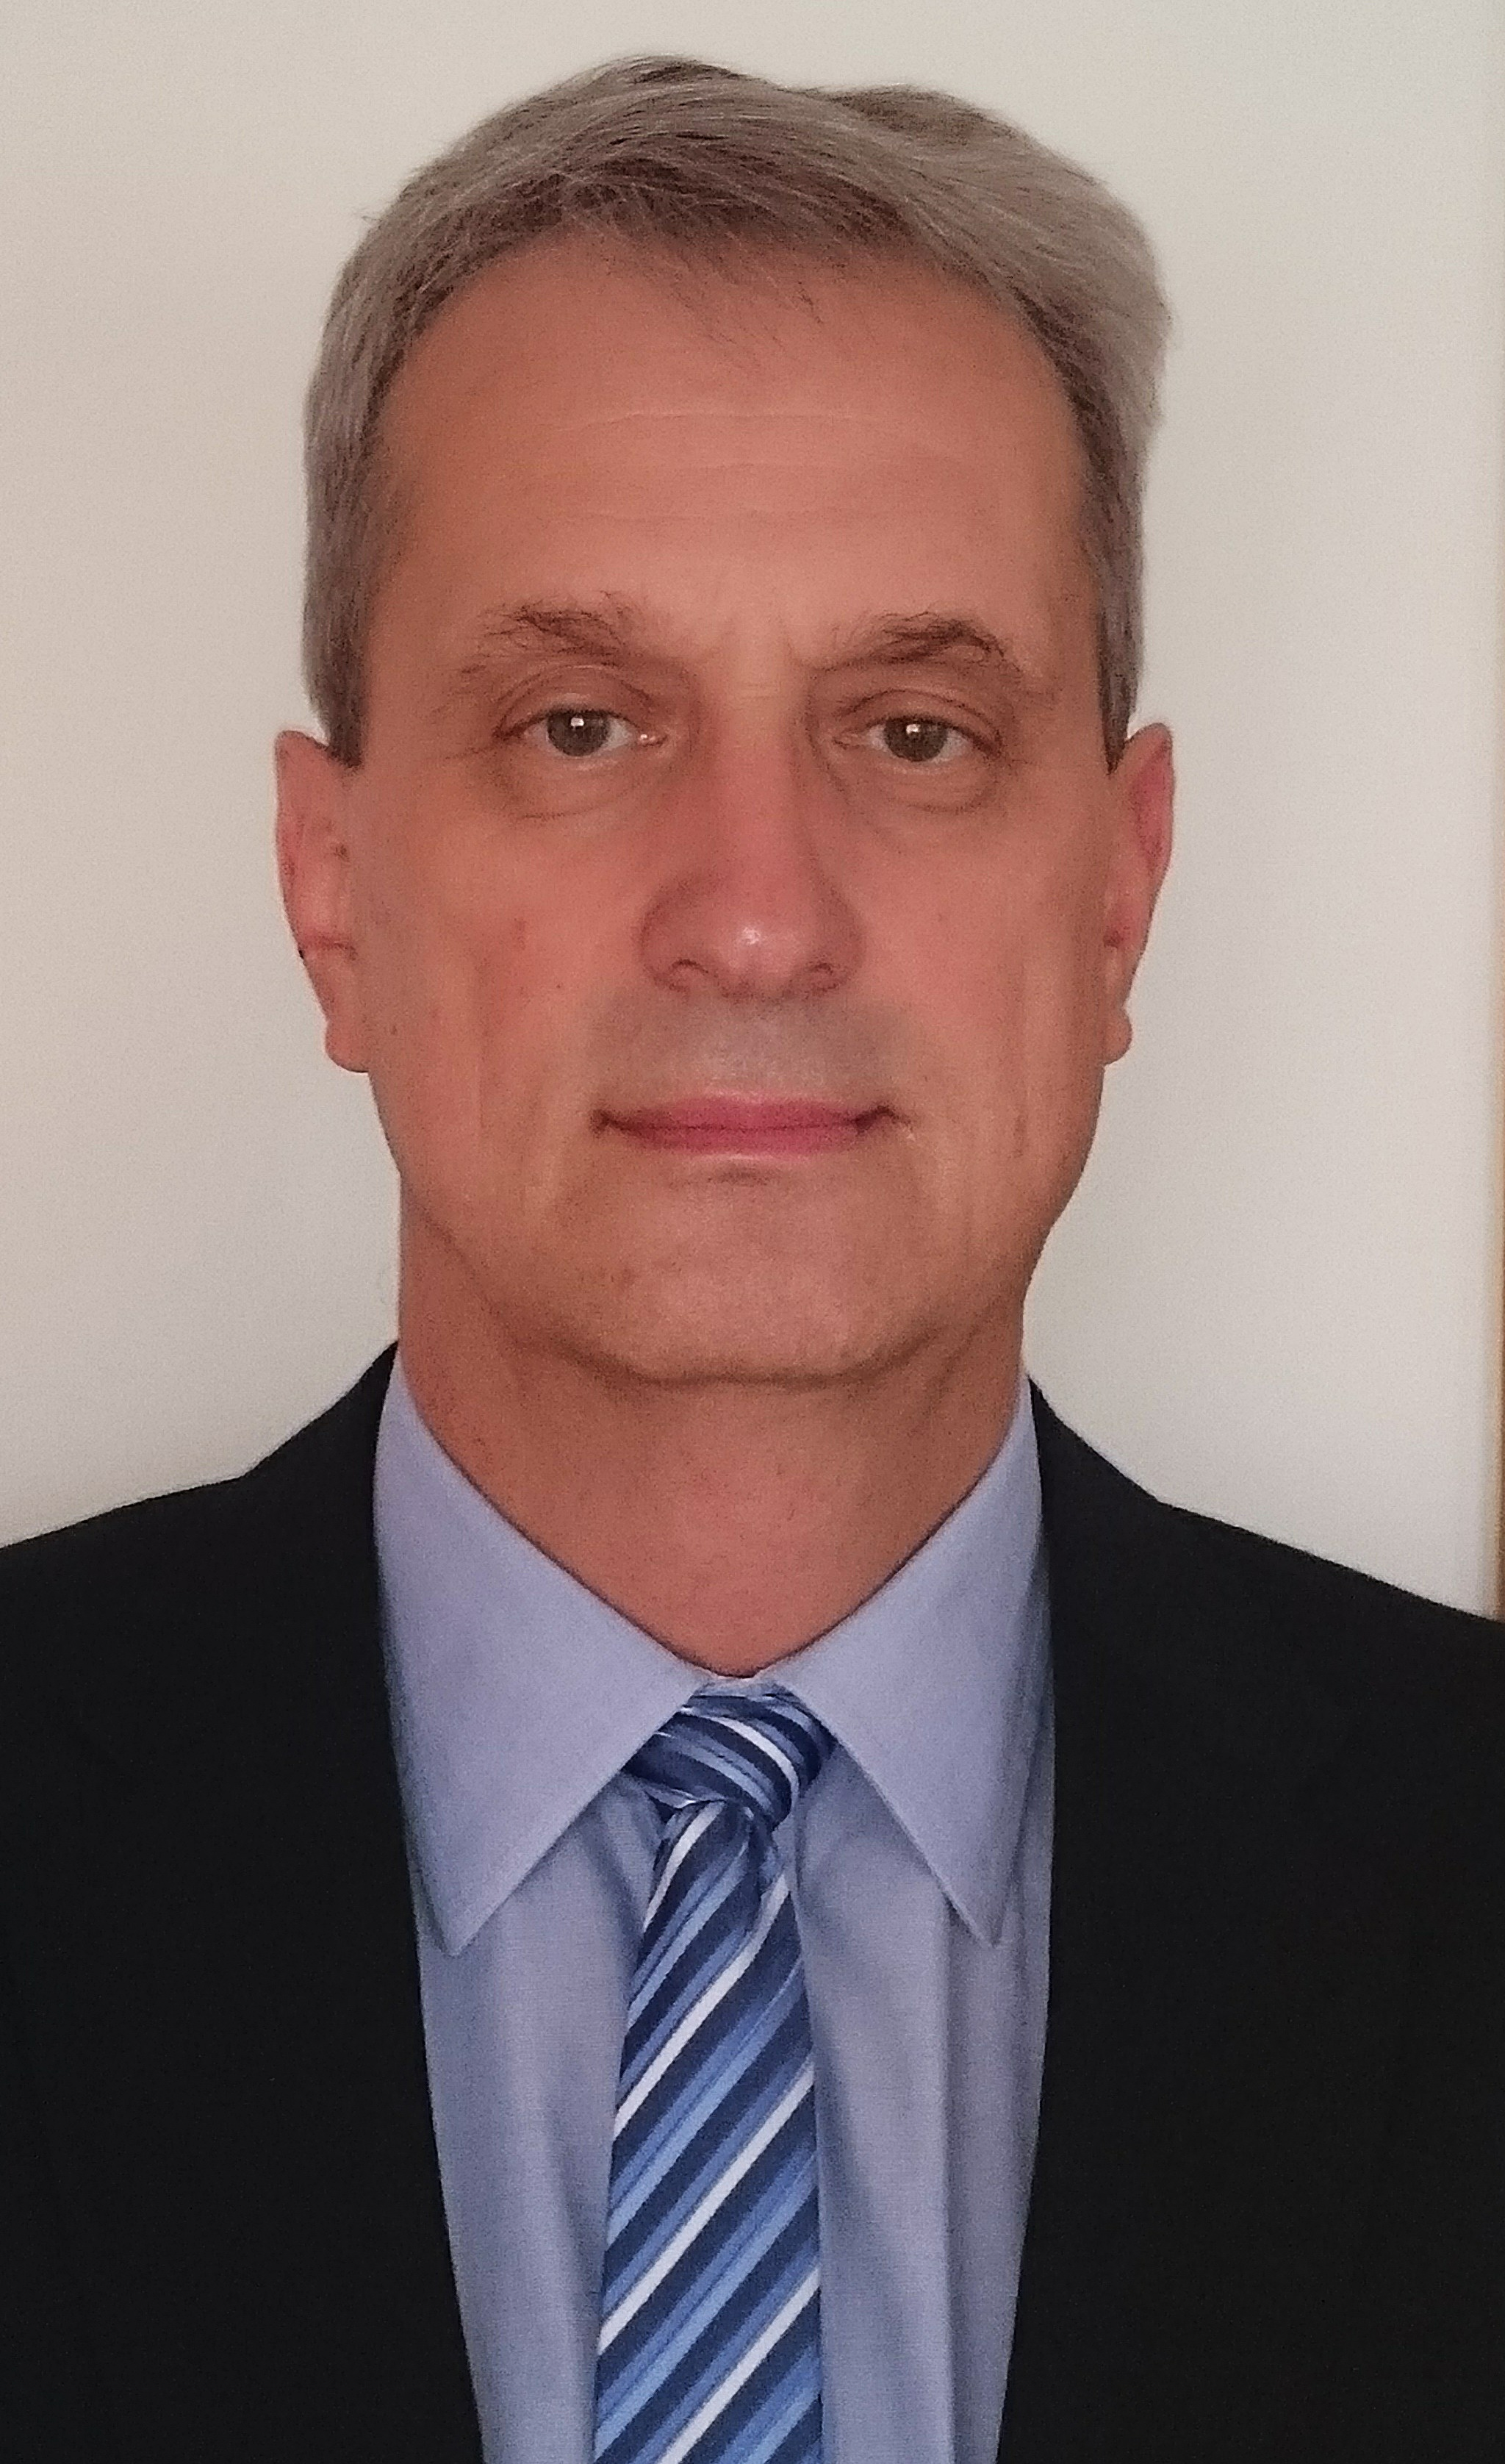 Gőcze István